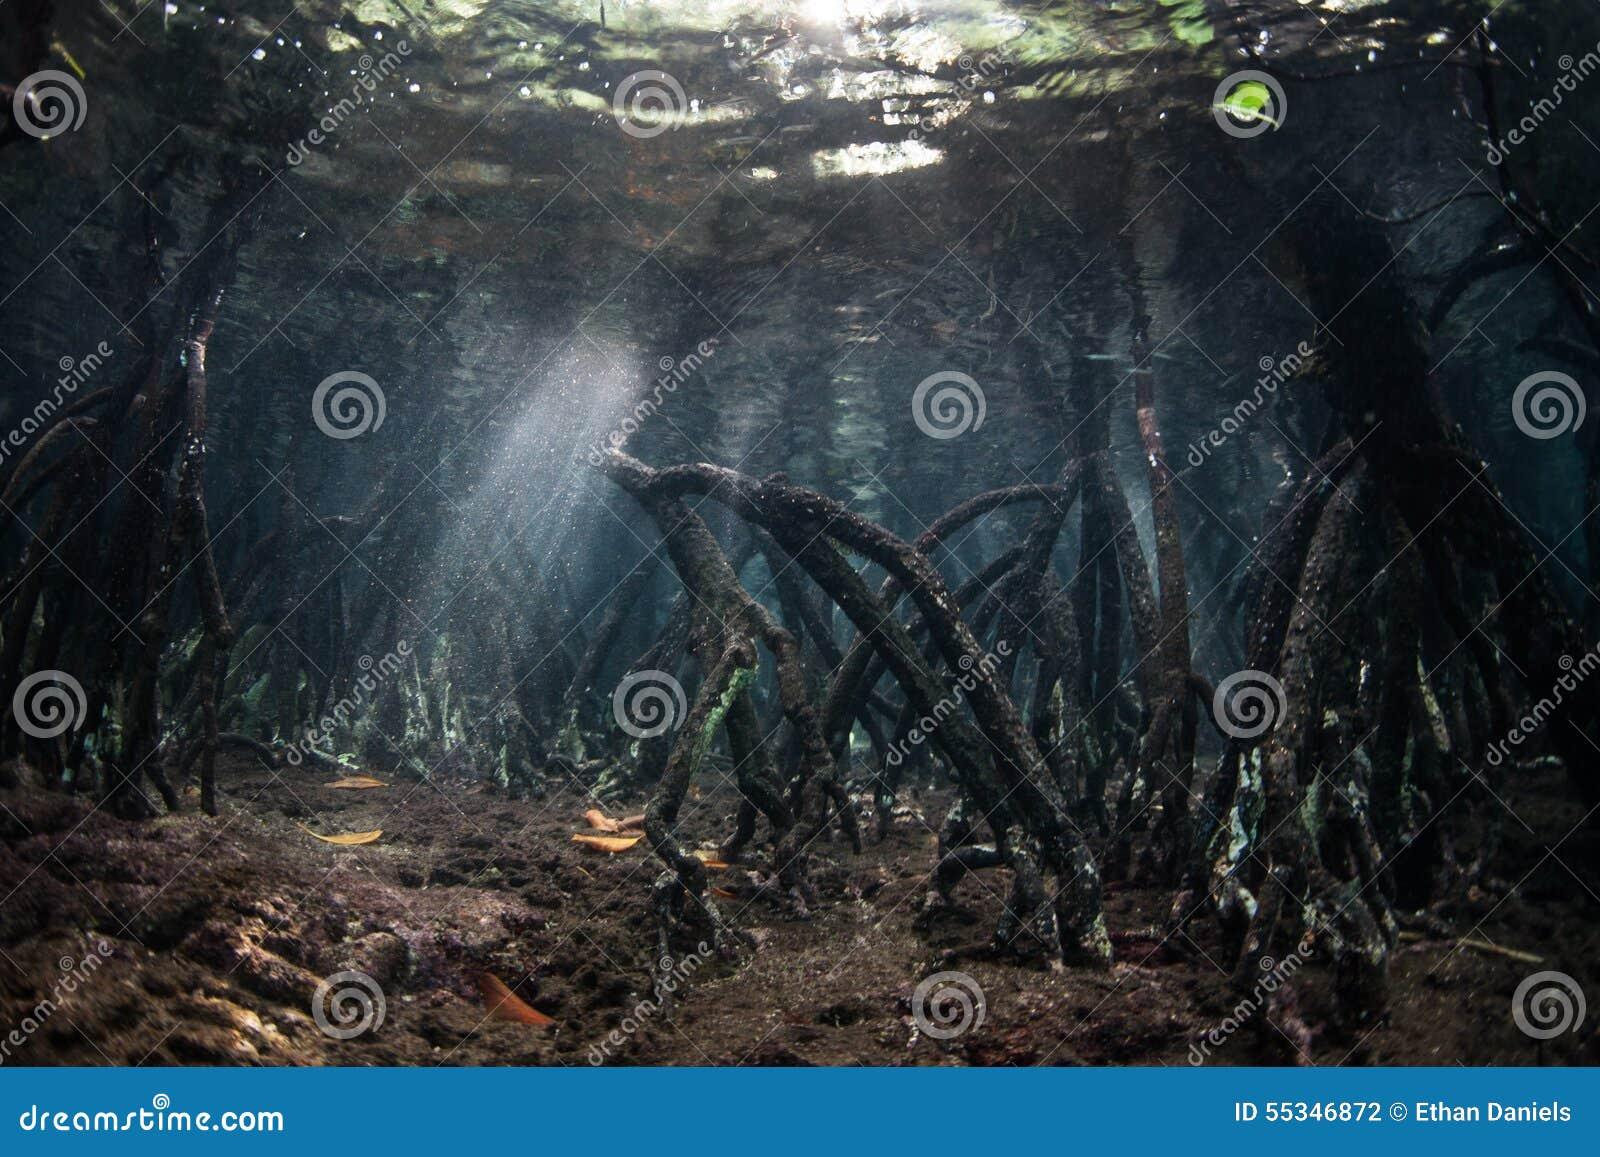 mangrovenwurzeln und sonnenlicht unterwasser stockfoto